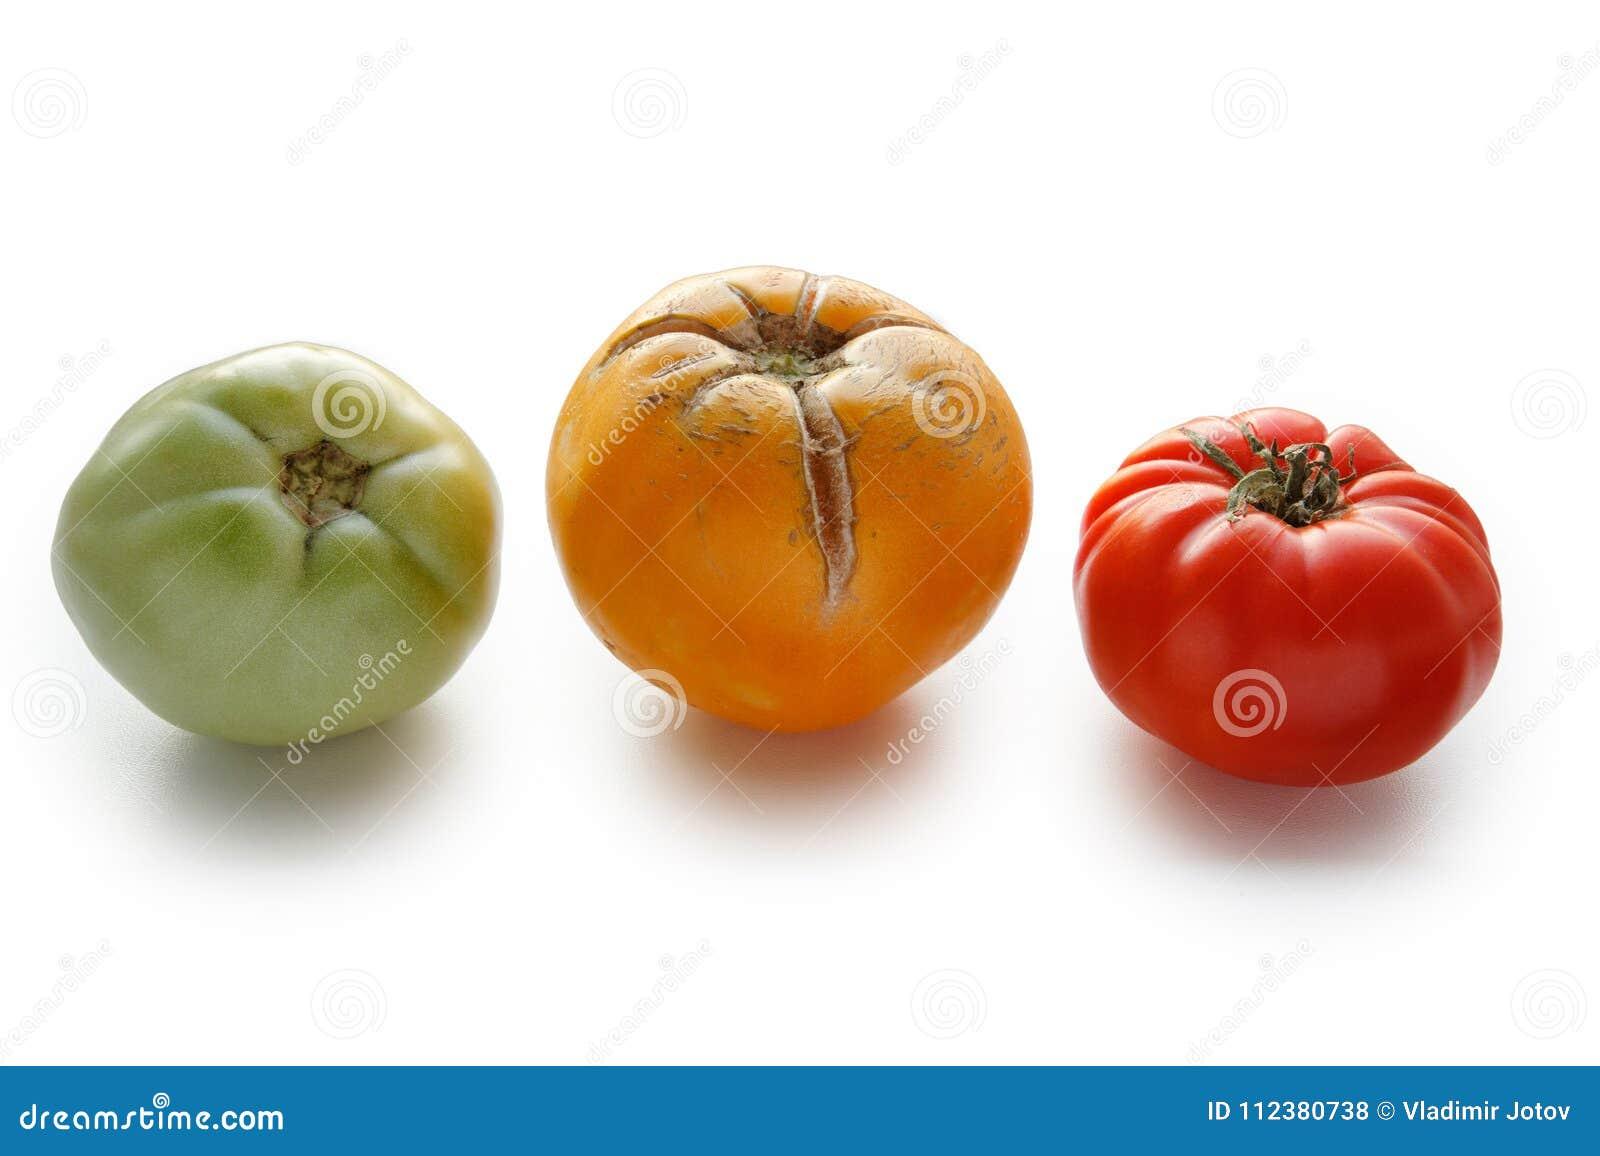 Konzept von drei Tomaten - rot, grün und gelb auf weißem Hintergrund